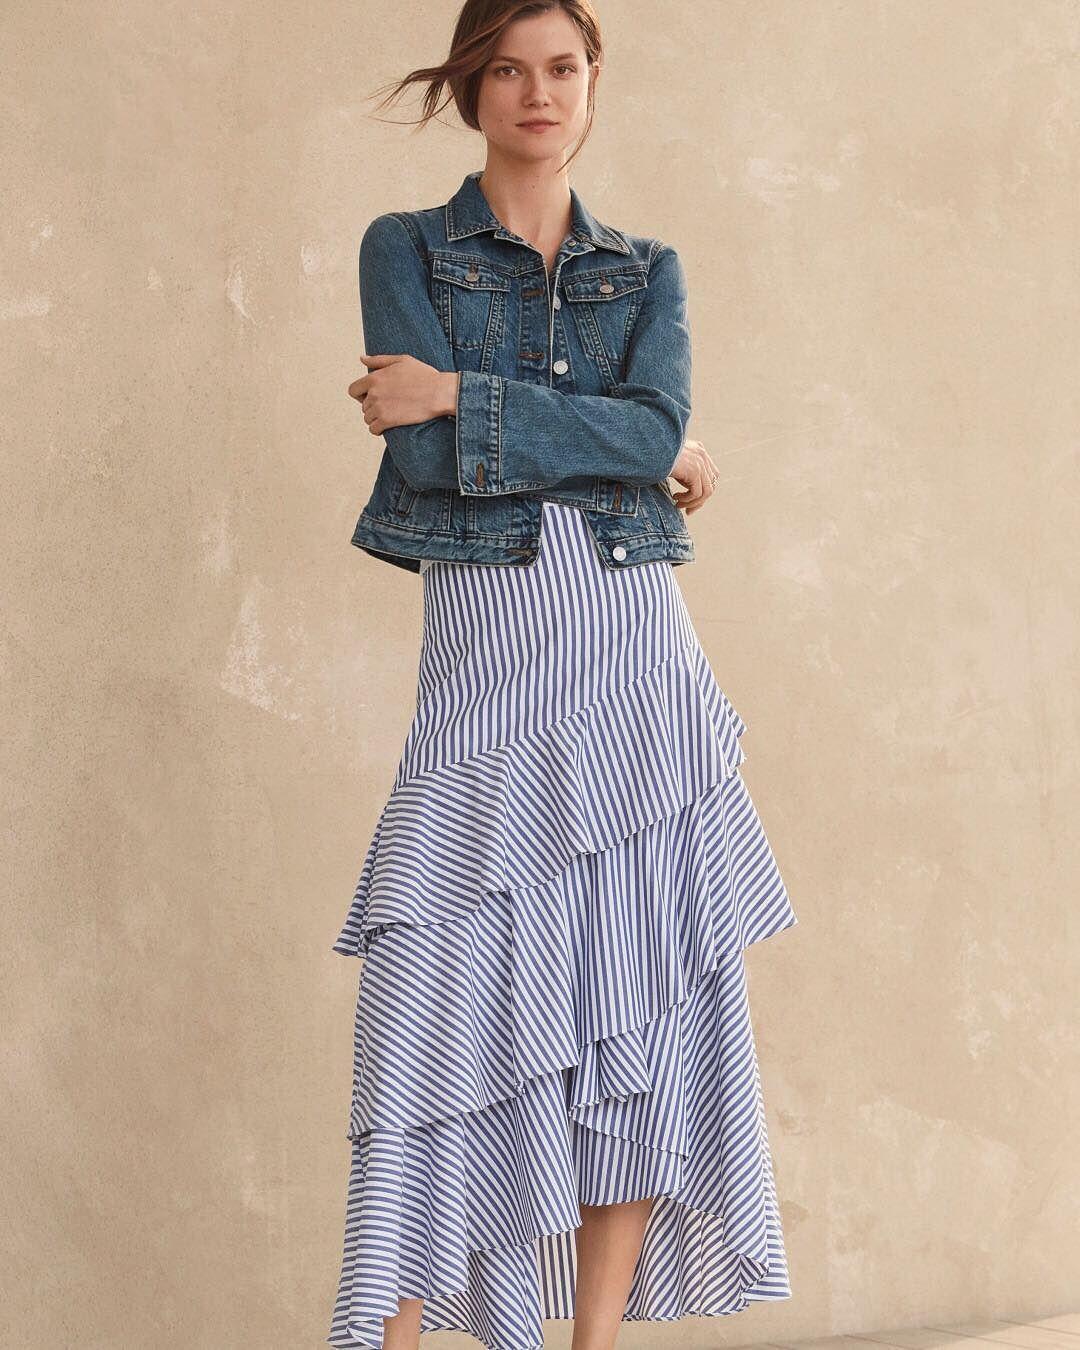 0147ba33cc Summer's most wanted = the tiered ruffle maxi skirt. Cascading ruffles,  high-low hem, stripe cotton poplin... an effortless statement. #itsbanana